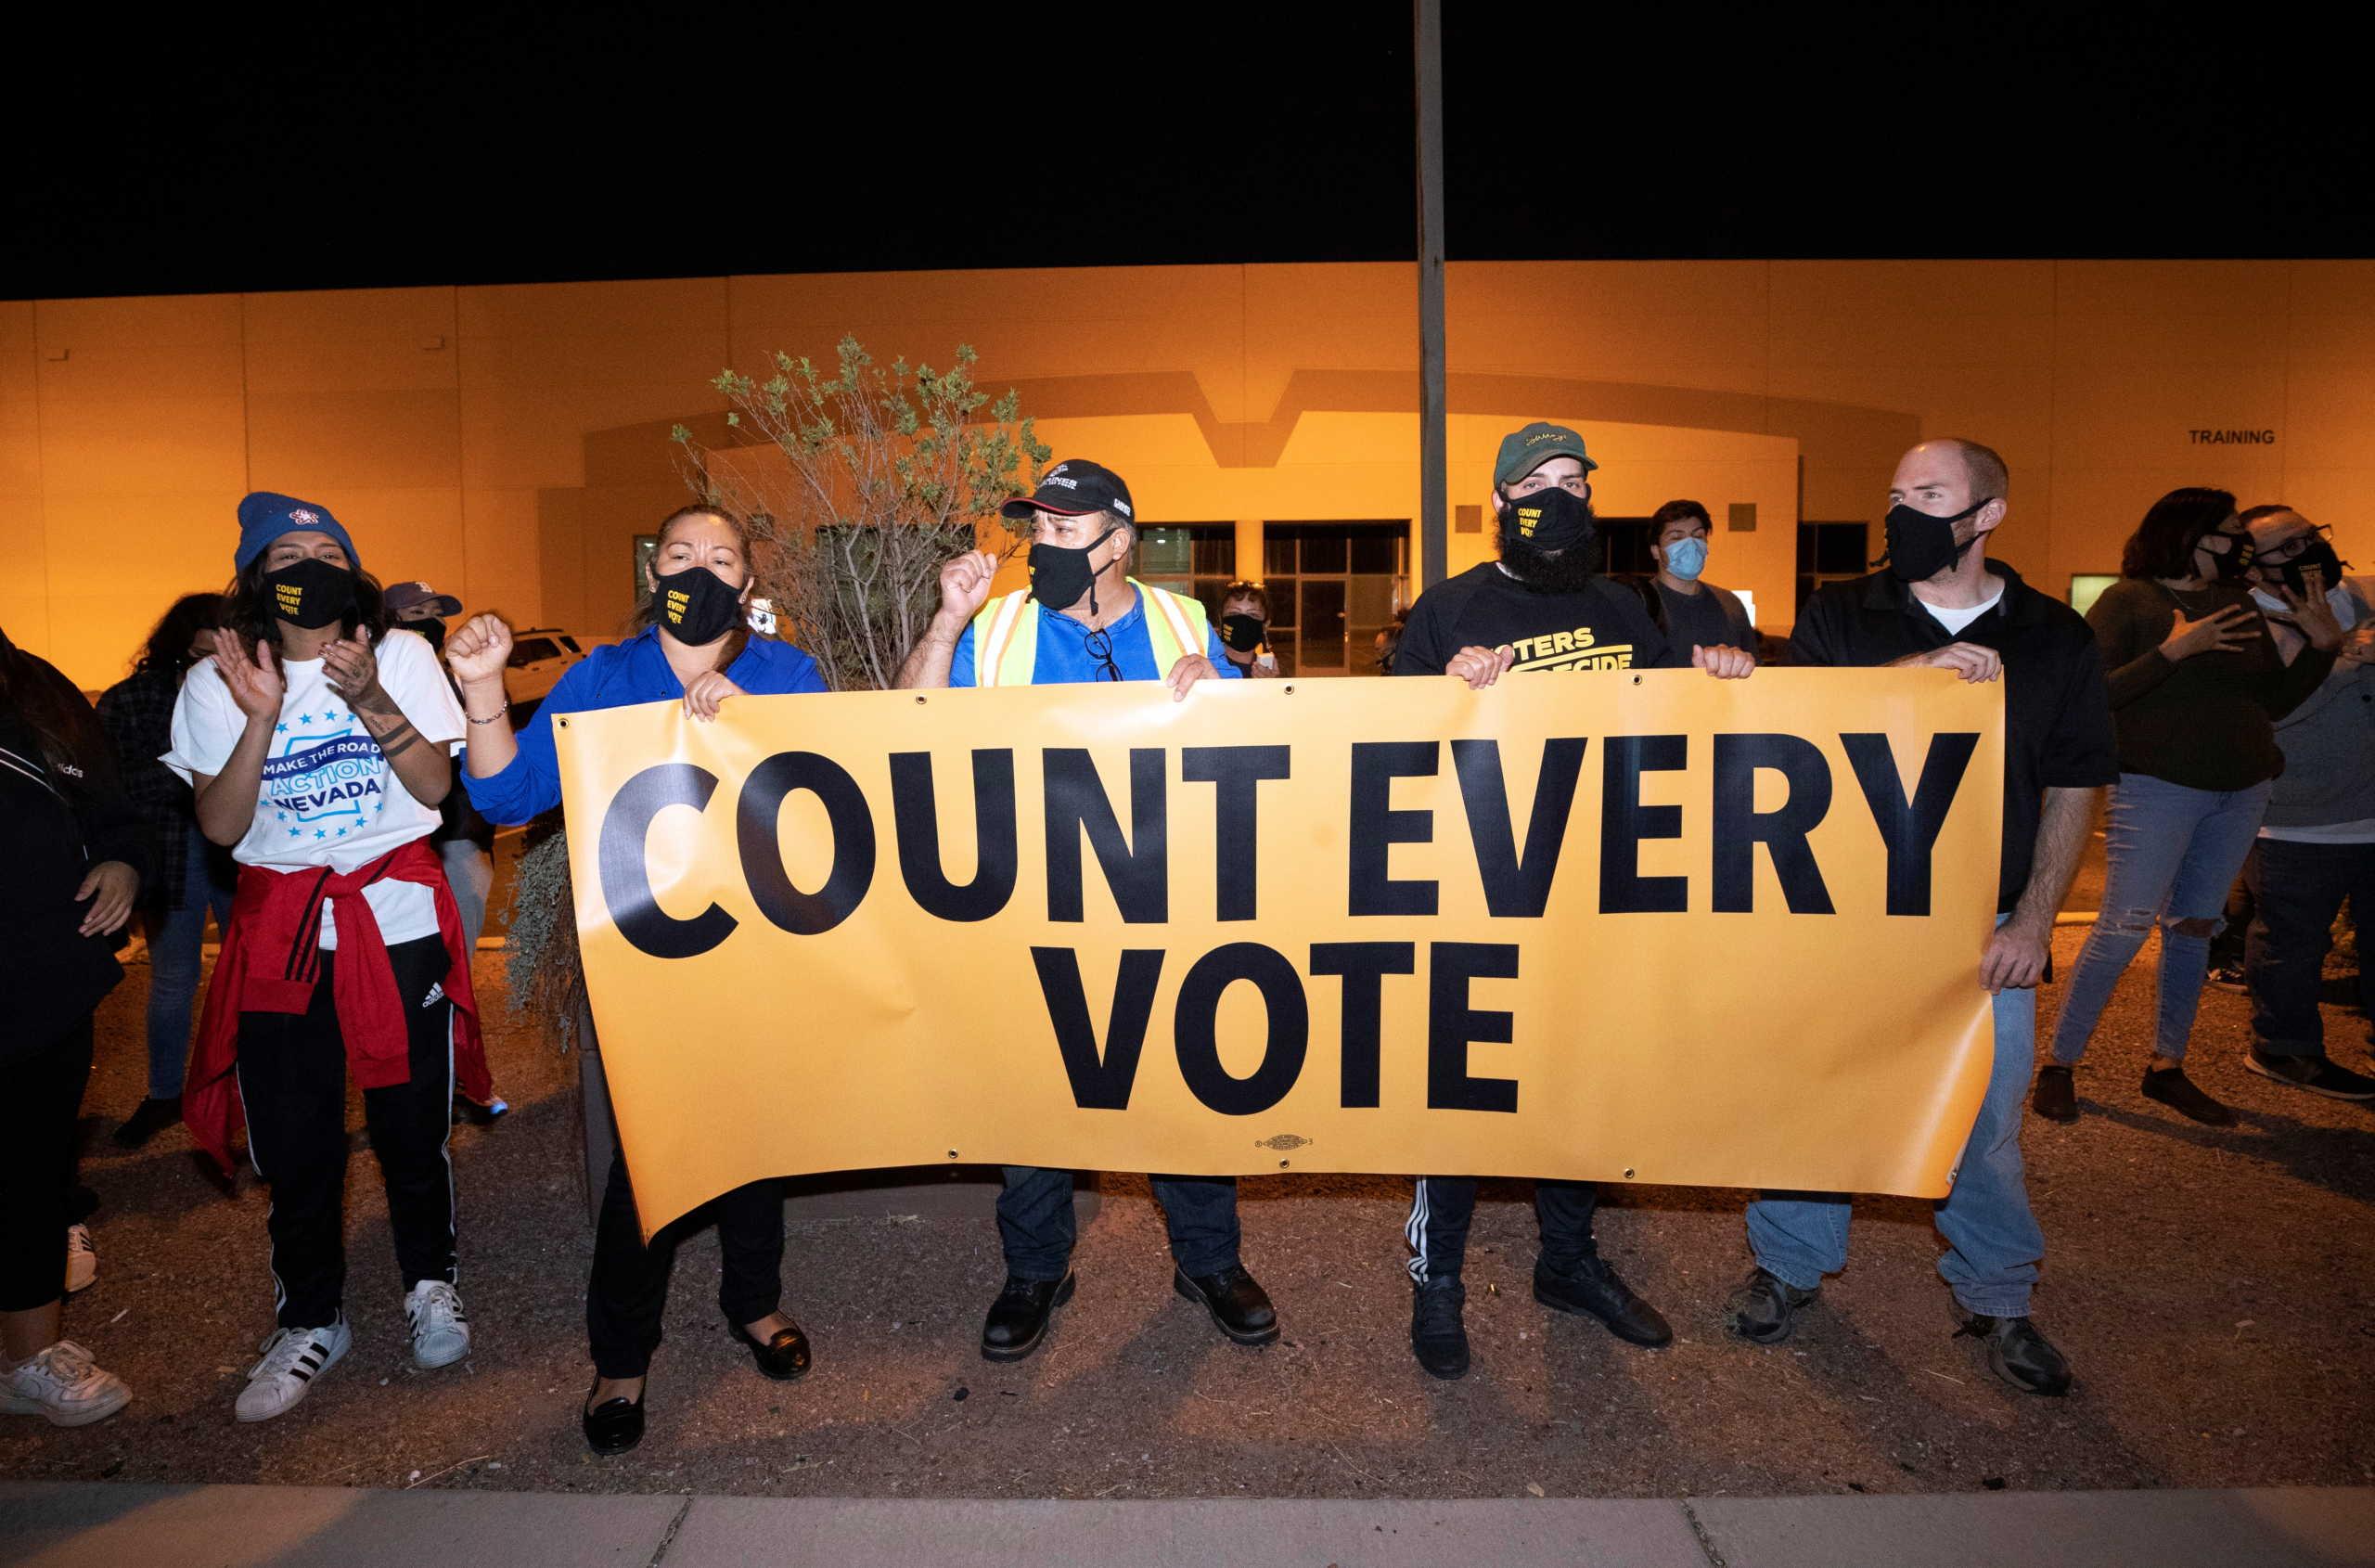 Εκλογές ΗΠΑ: Ο Μπάιντεν με το ένα πόδι στον Λευκό Οίκο – Η Πολιτεία κλειδί